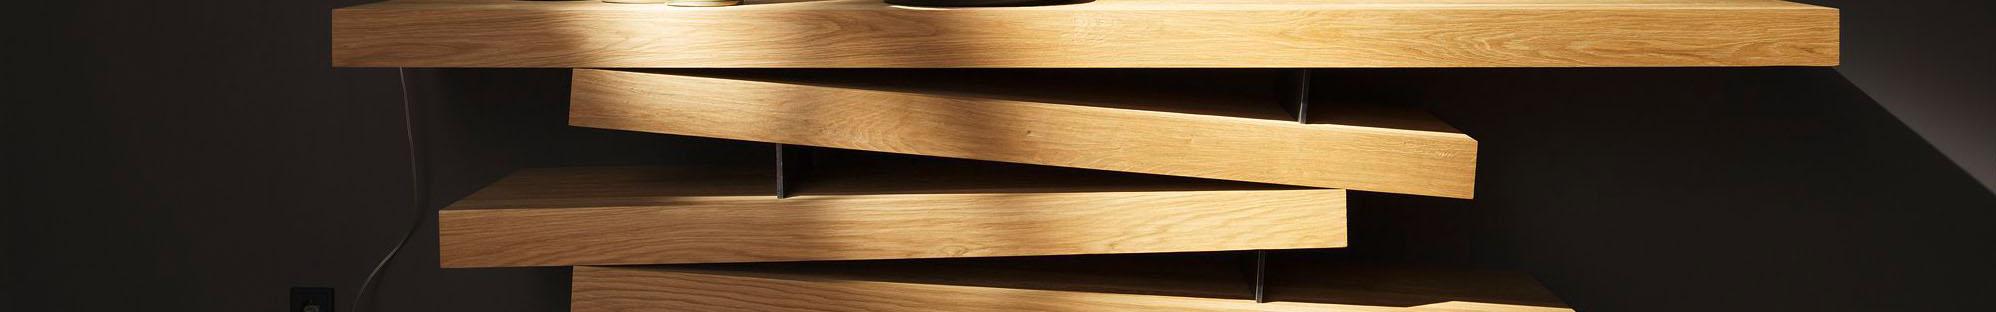 wohnkultur amberg emmert angebote wohnkultur amberg m bel harald emmert. Black Bedroom Furniture Sets. Home Design Ideas